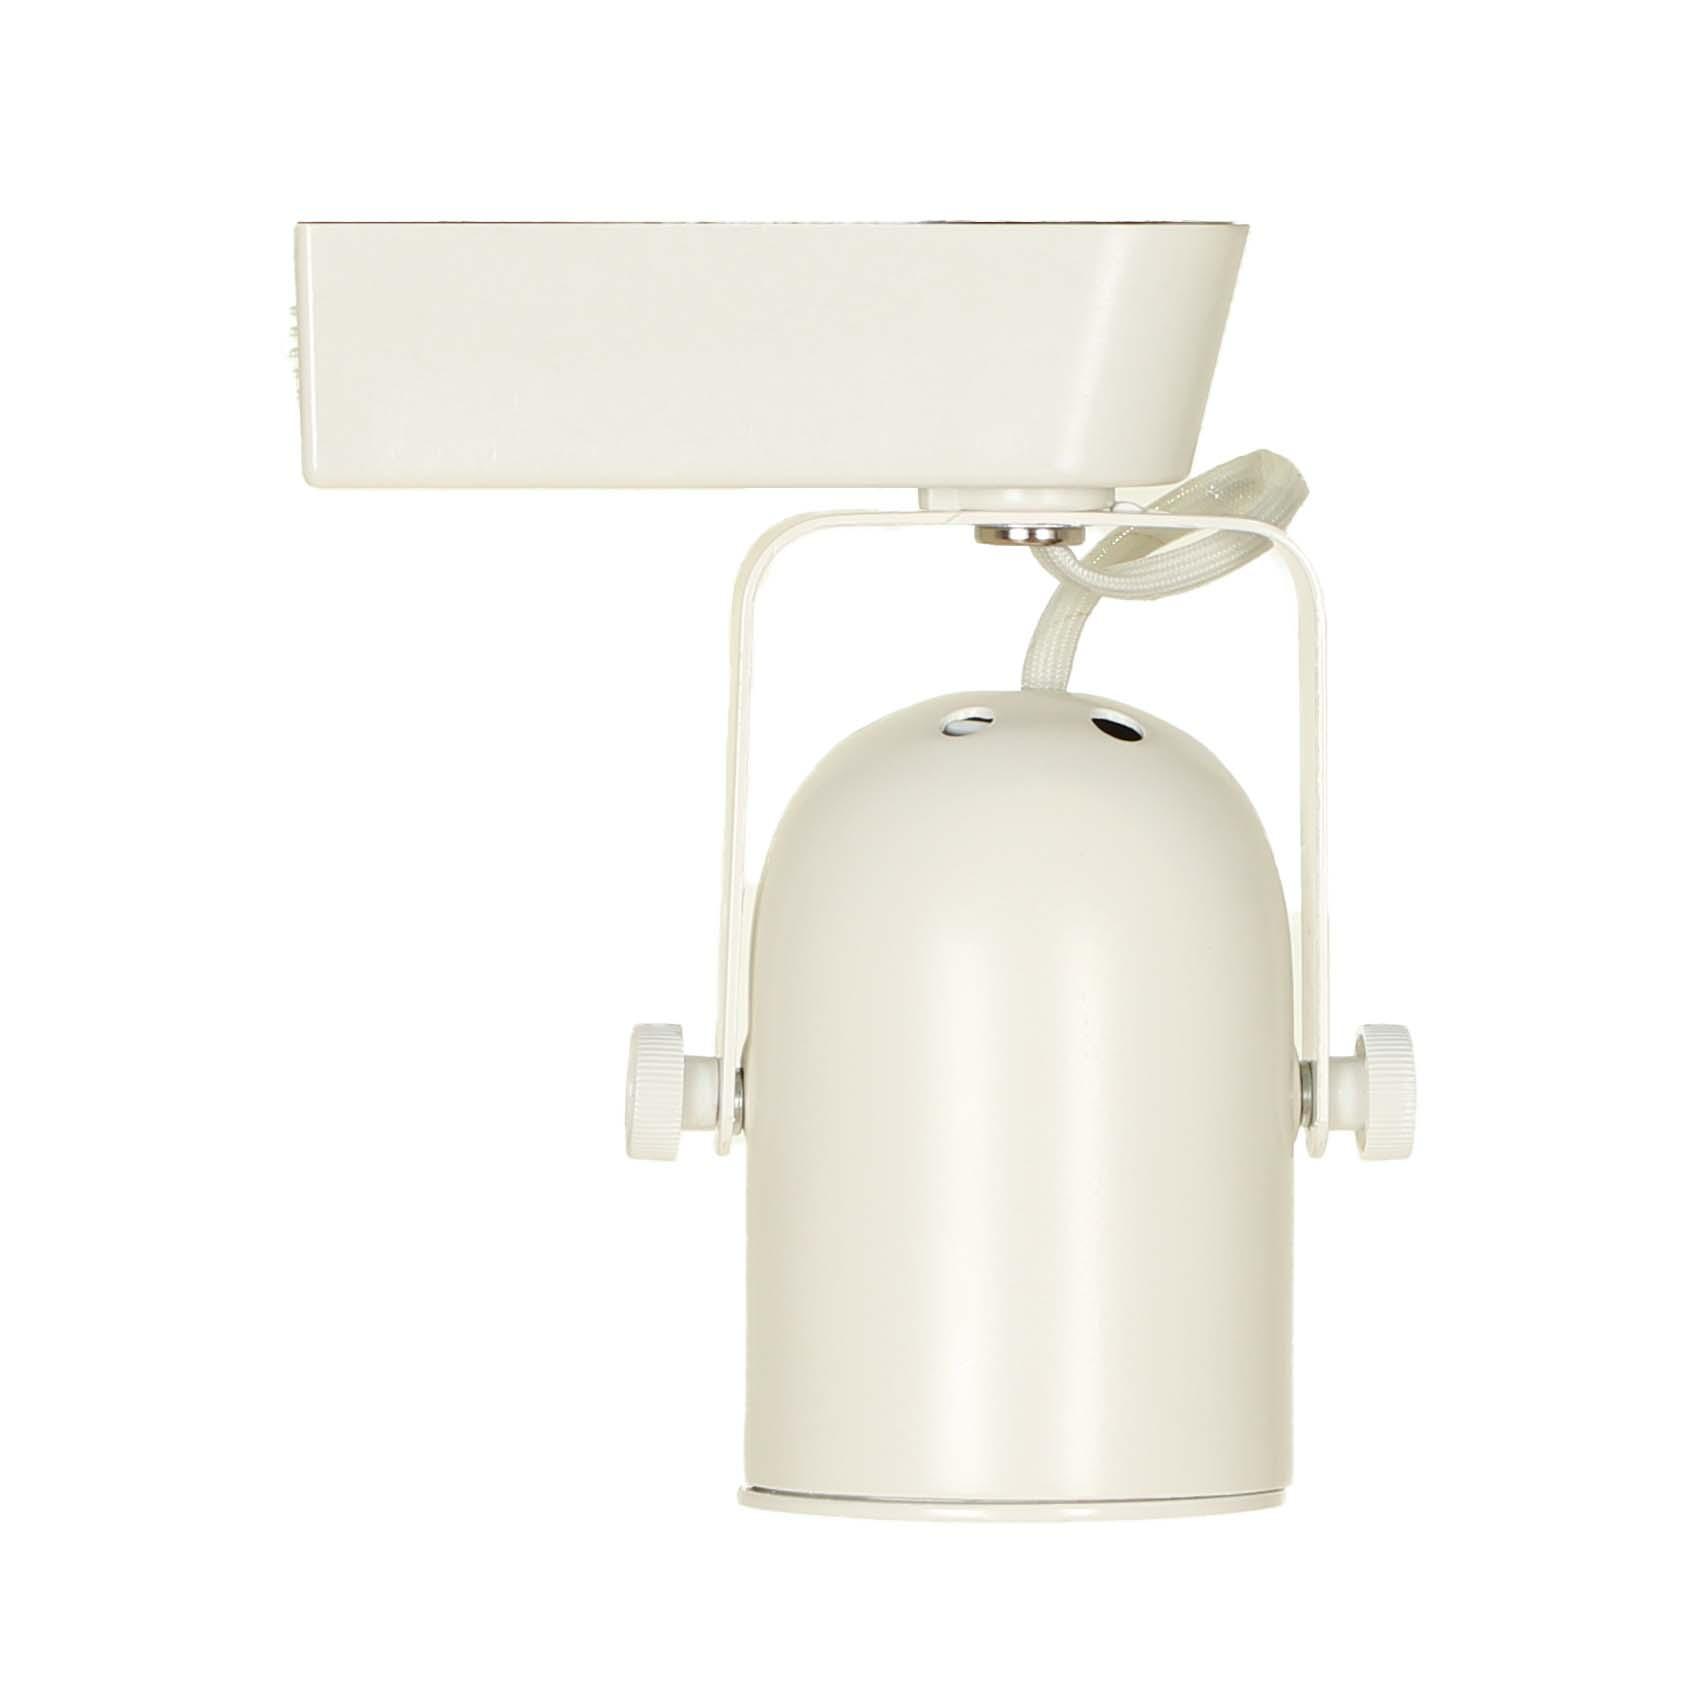 track lighting white. LED Track Lighting Fixture 60088 - 60088-3K-HT-WH White D